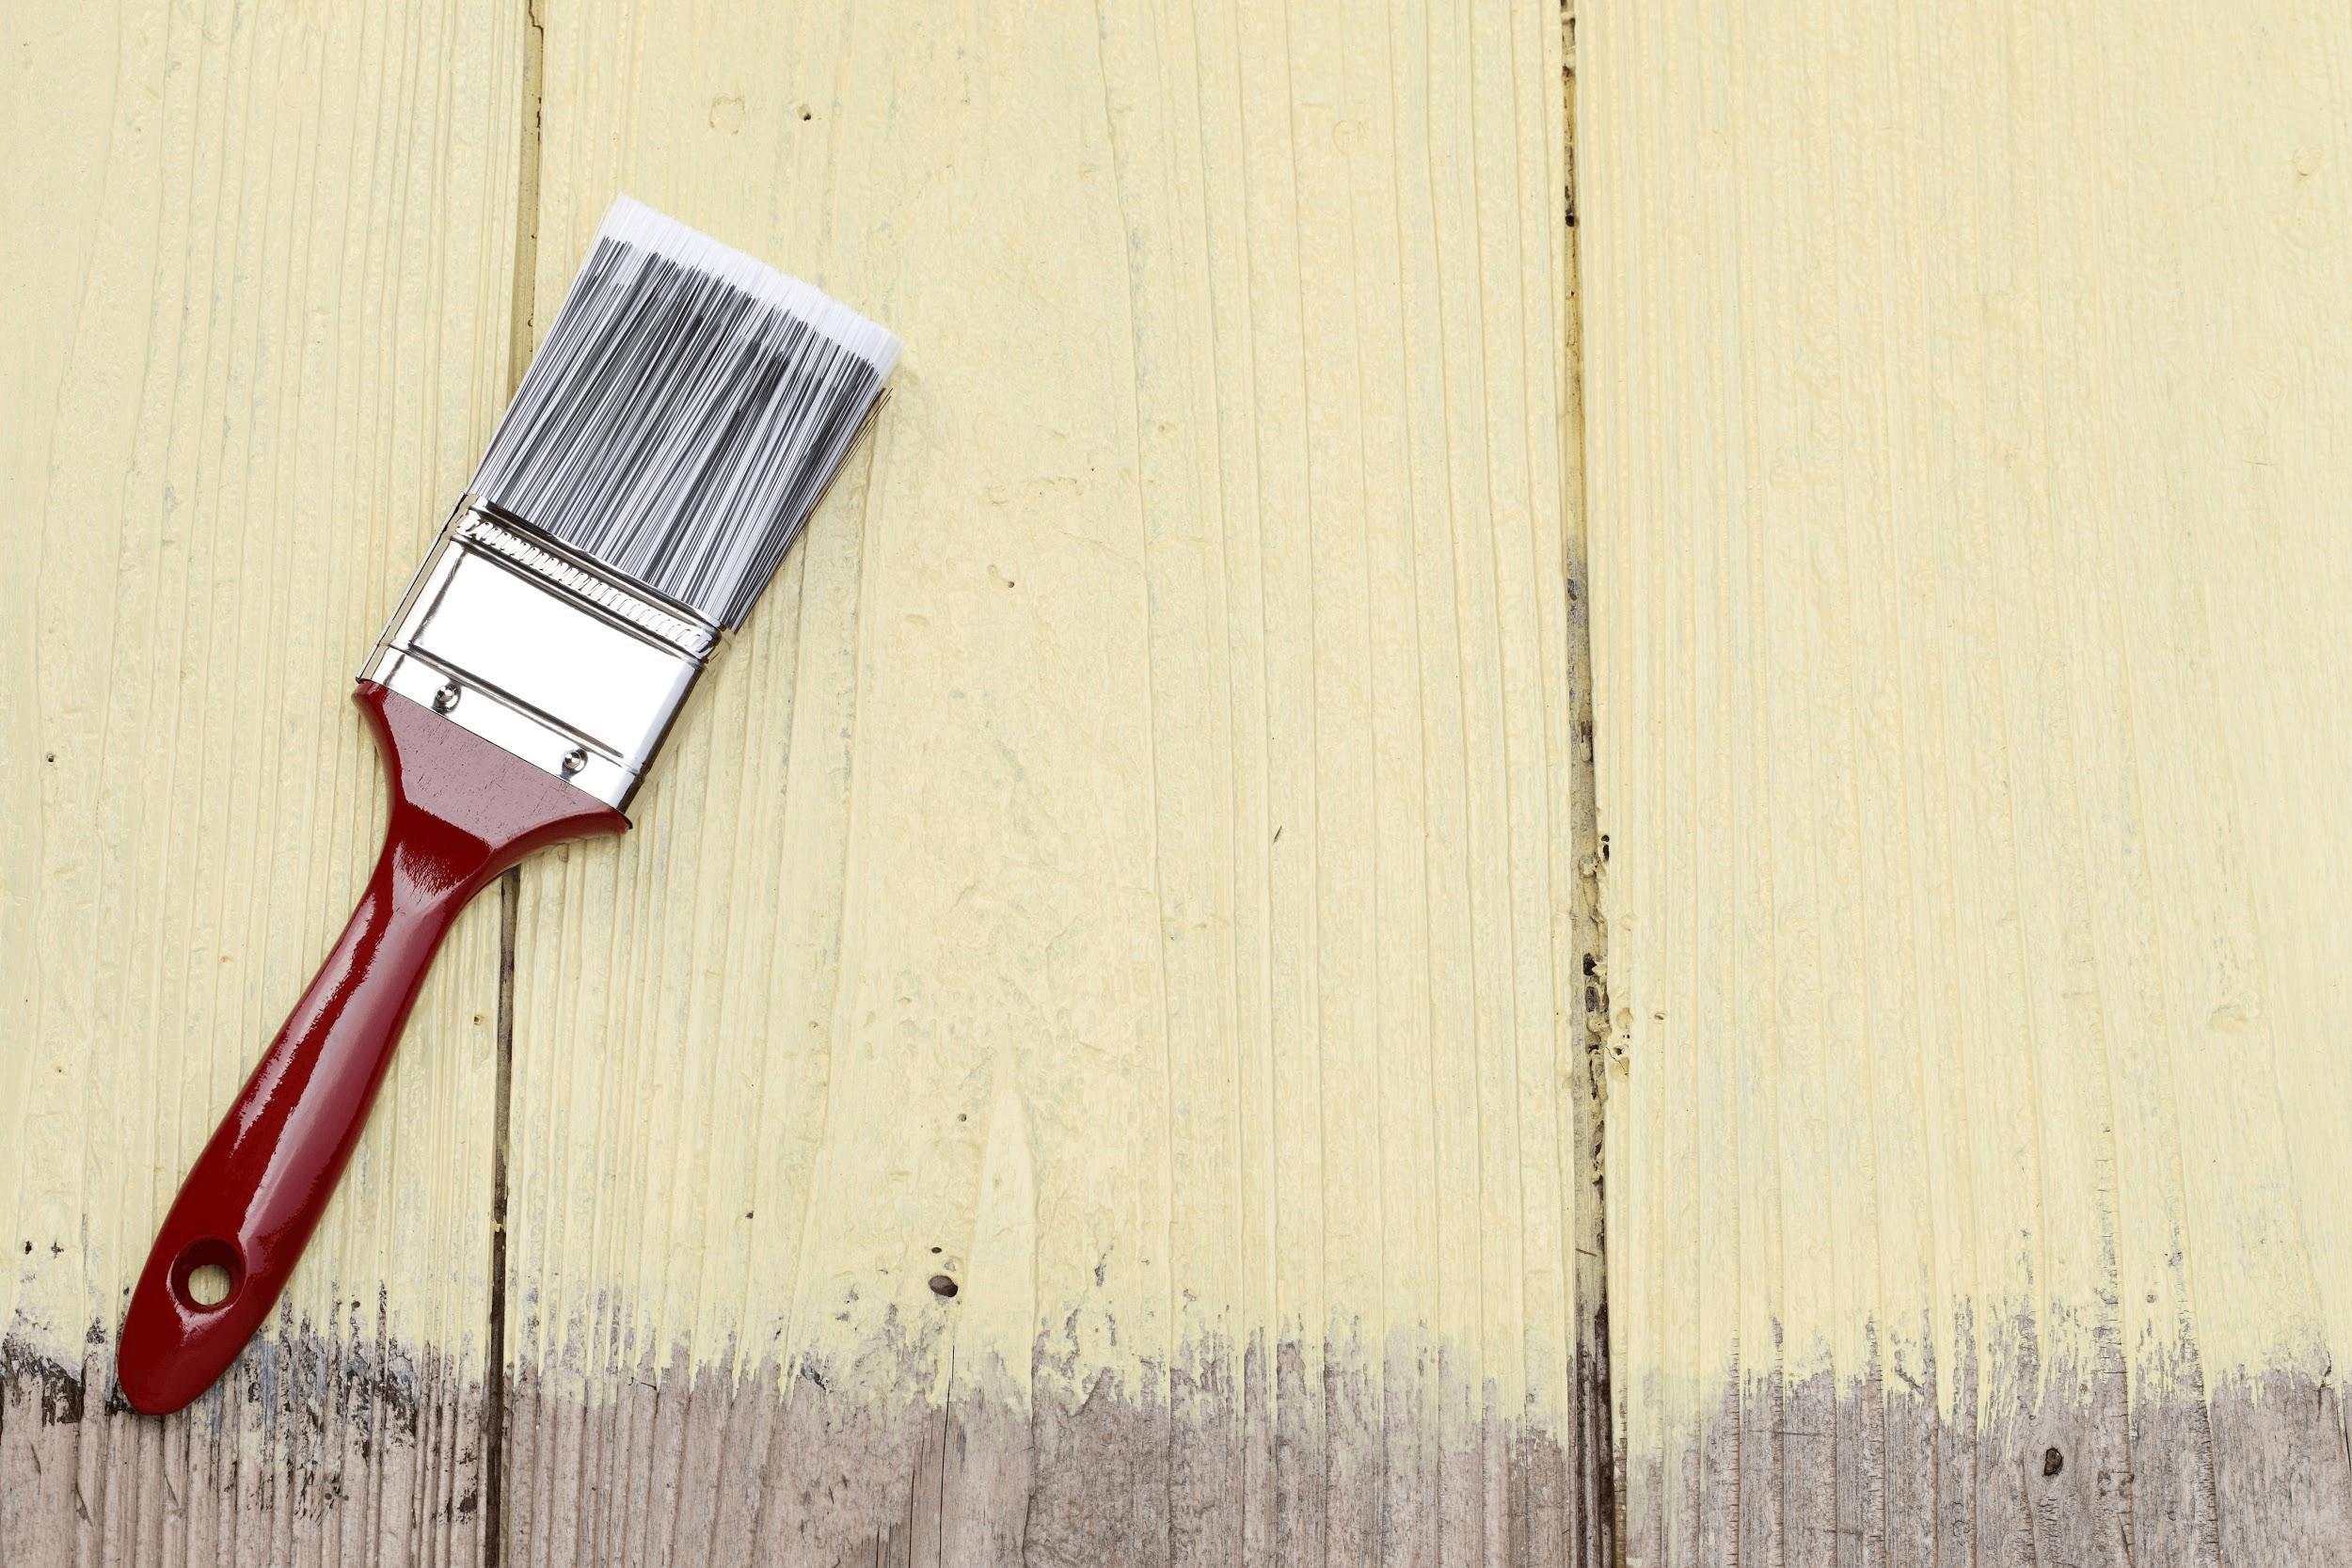 実は簡単な塗装補修